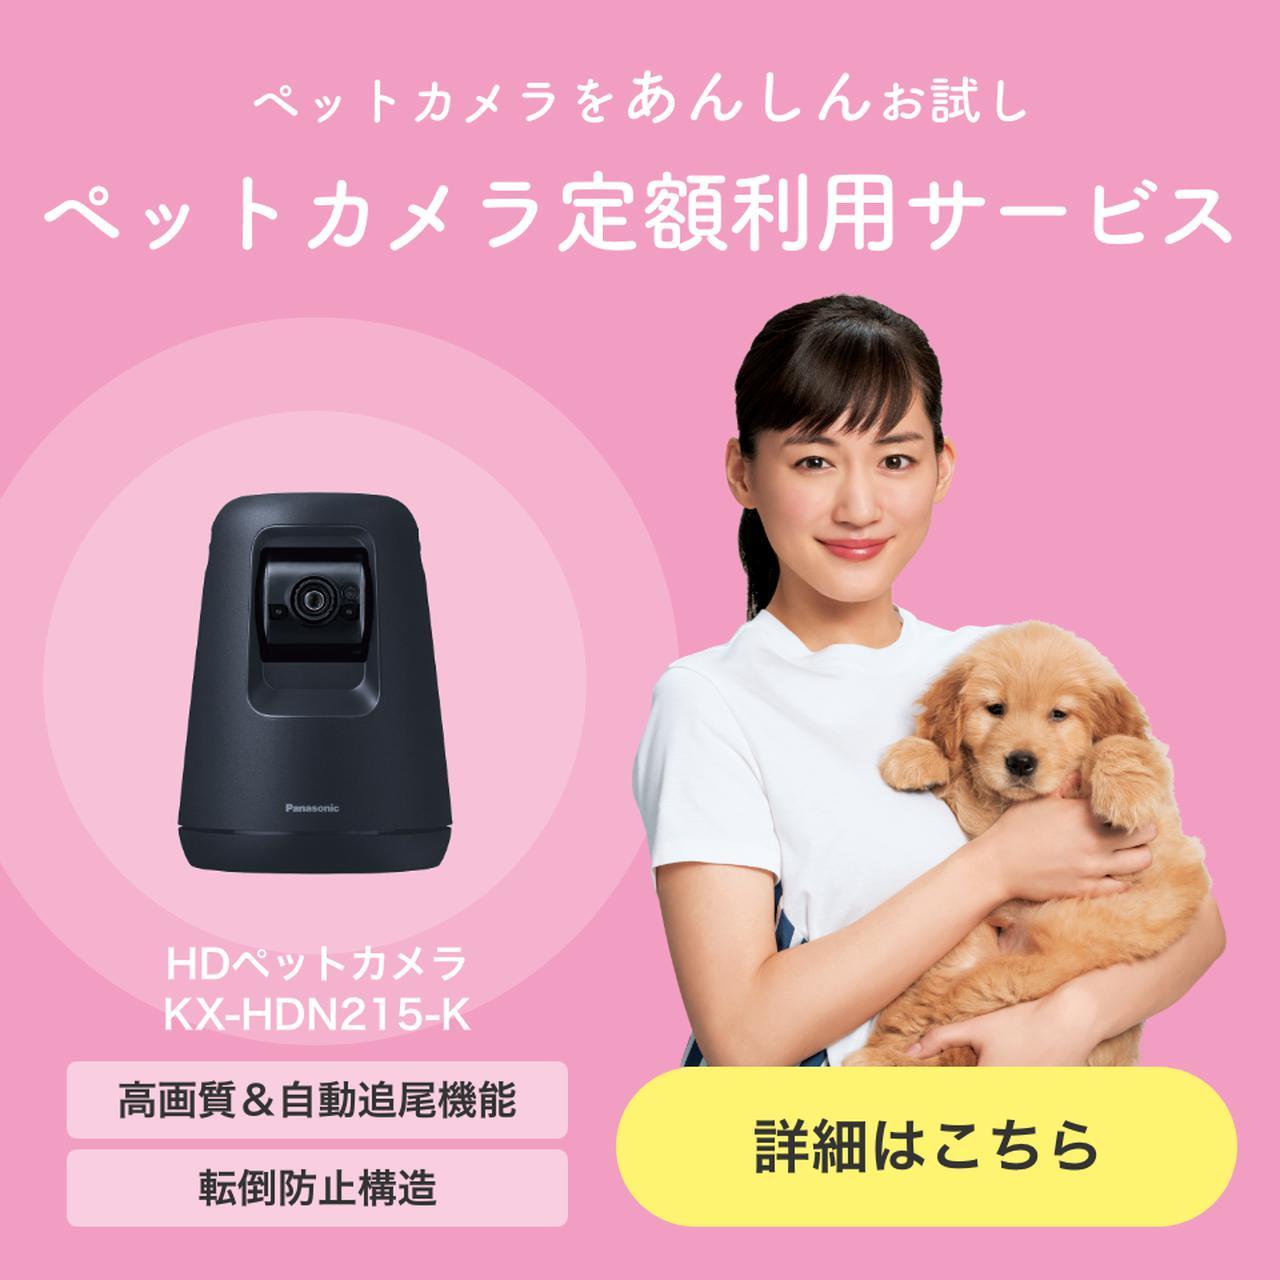 画像: 【パナソニック公式通販】家電・電化製品なら安心のPanasonicオンラインショップ